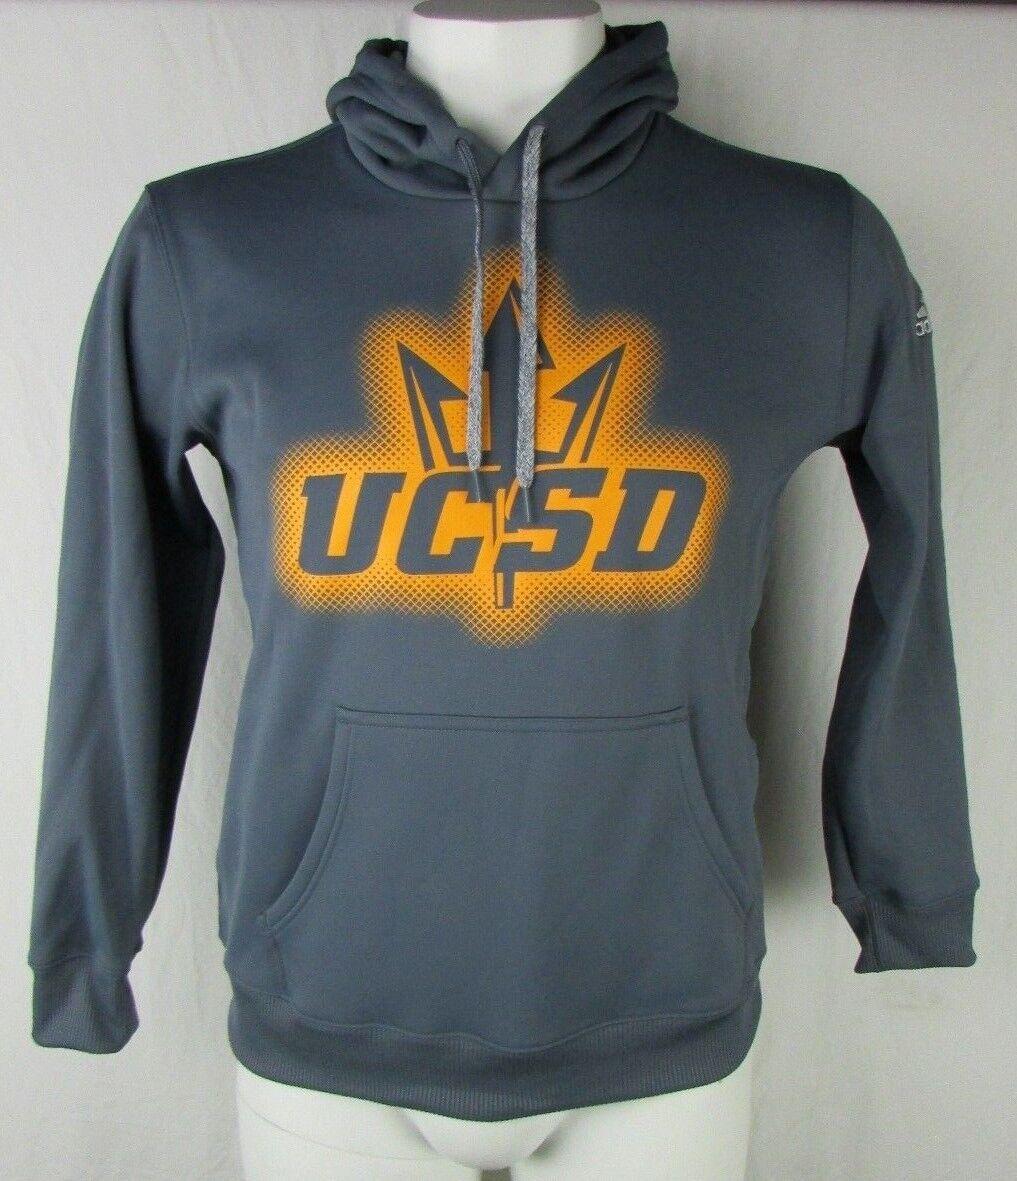 Sudadera con capucha adidas S M L XL 2XL para hombre de los tritones UC San Diego NCAA gris A14